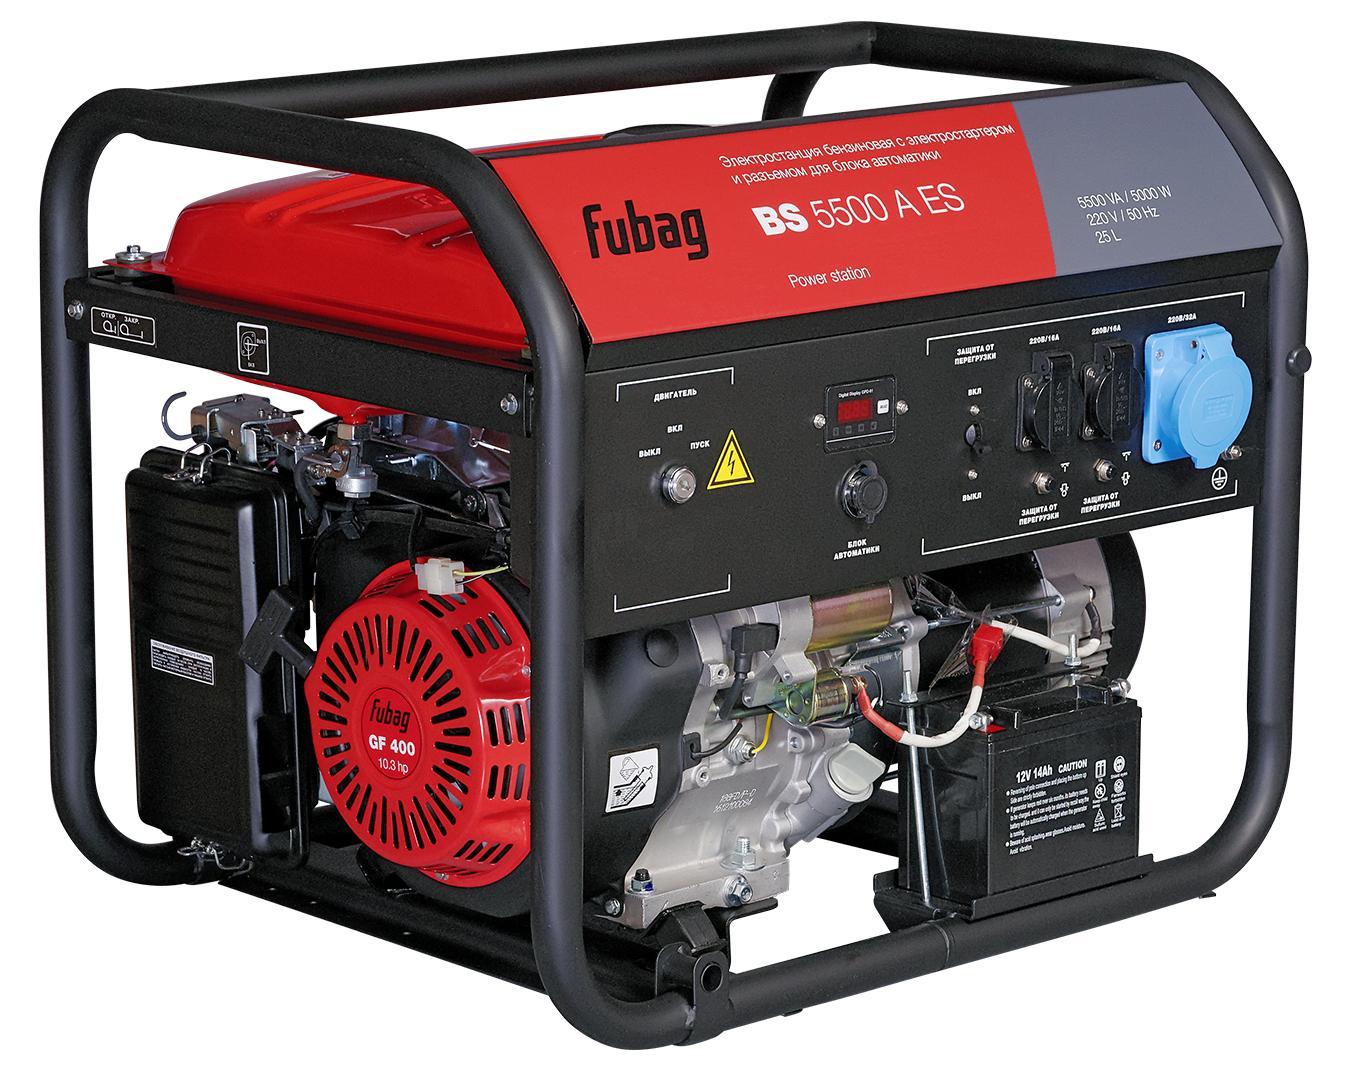 Бензиновый генератор Fubag Bs 5500 a es генератор fubag bs 5500 a es